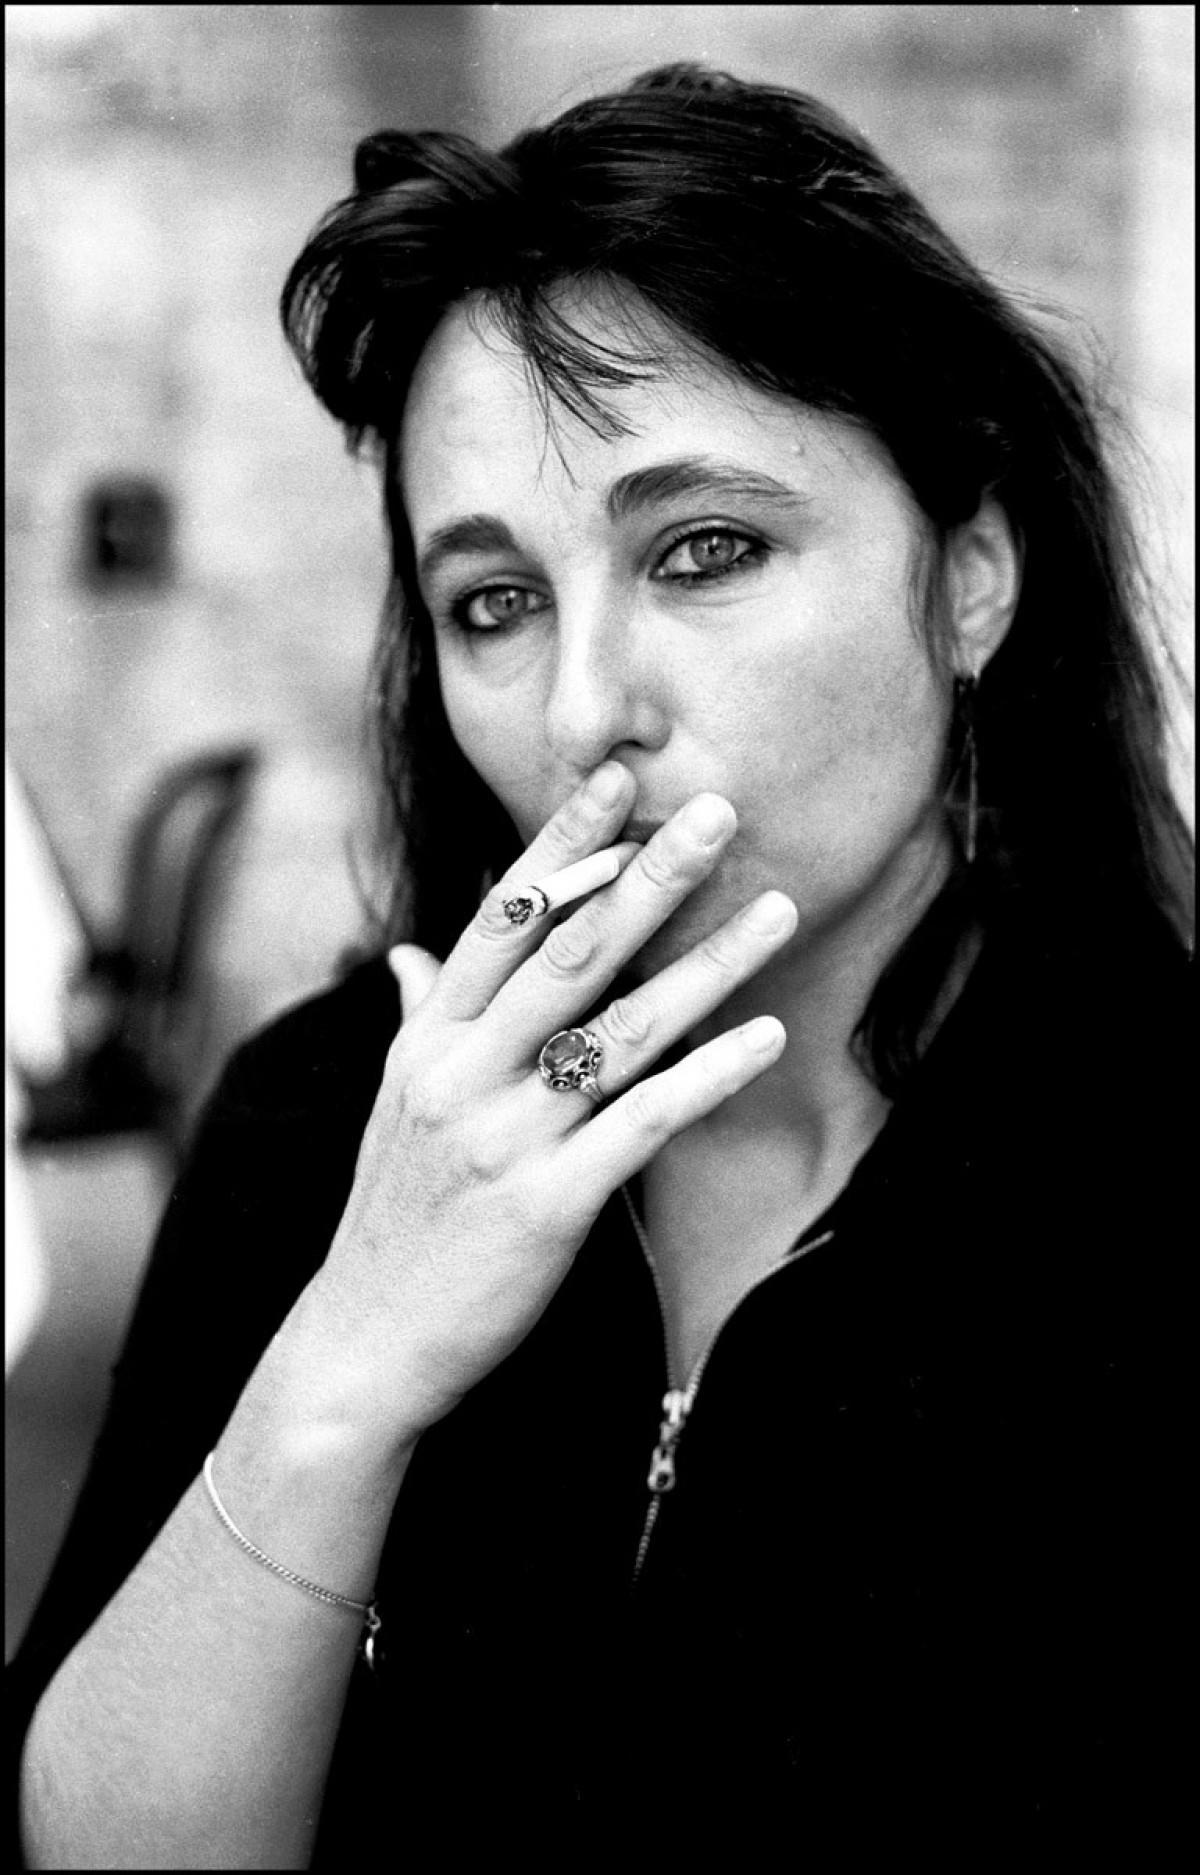 Negre Marie Paule photographer